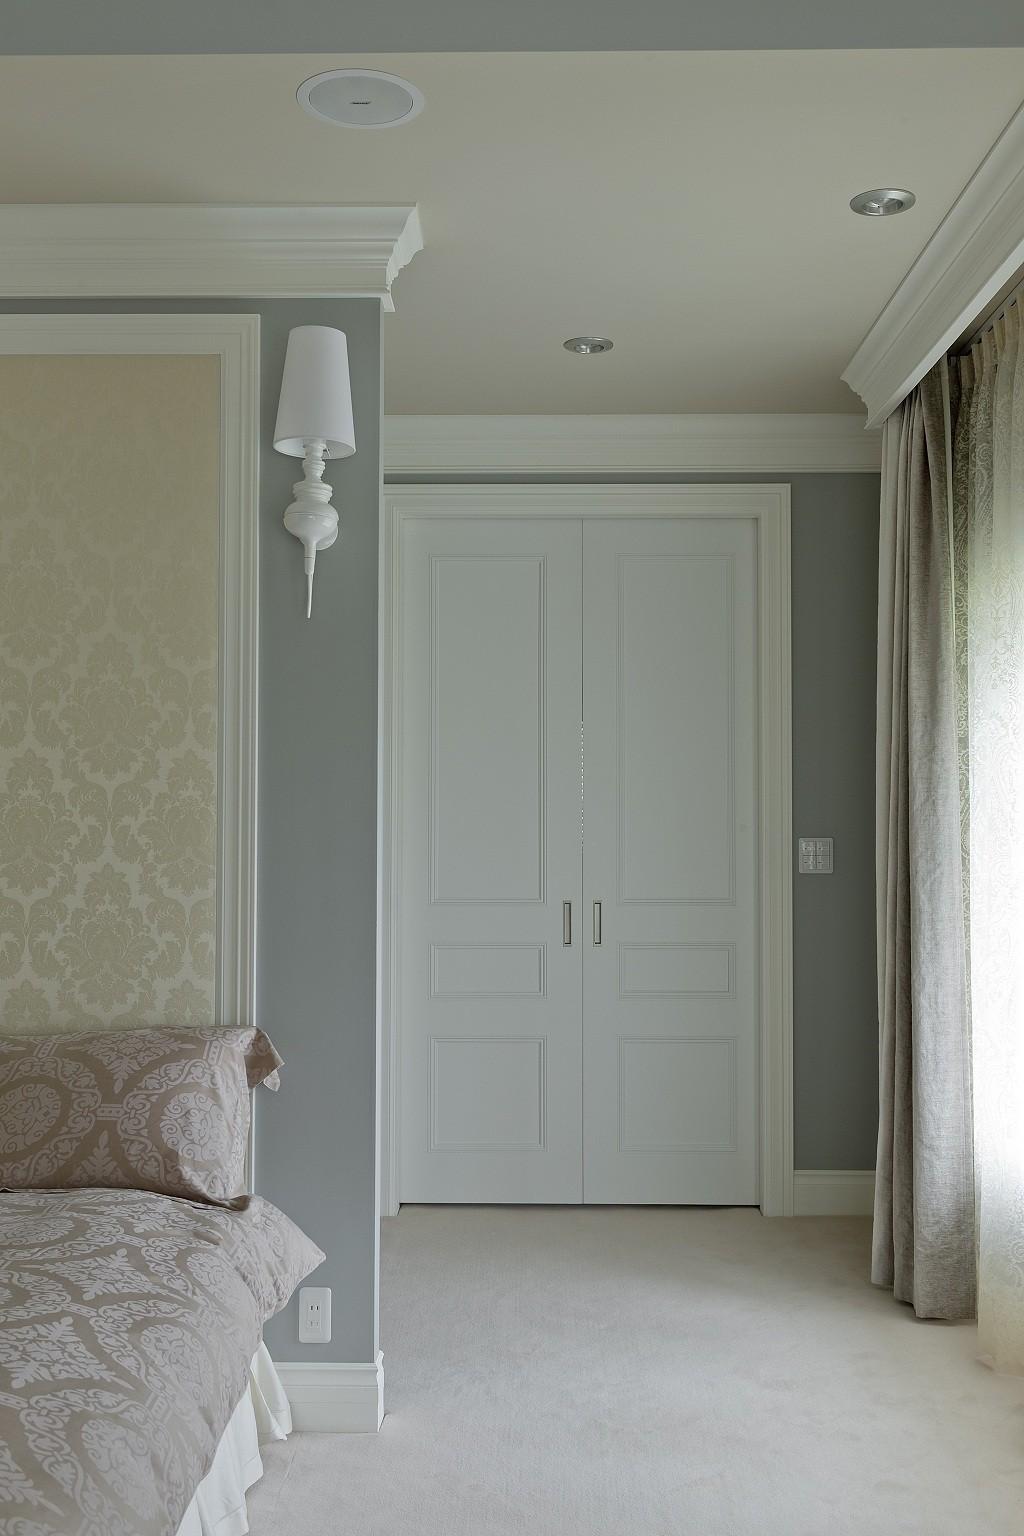 ホテルライクなベッドルーム (引き込み戸にもモールディングを使用)